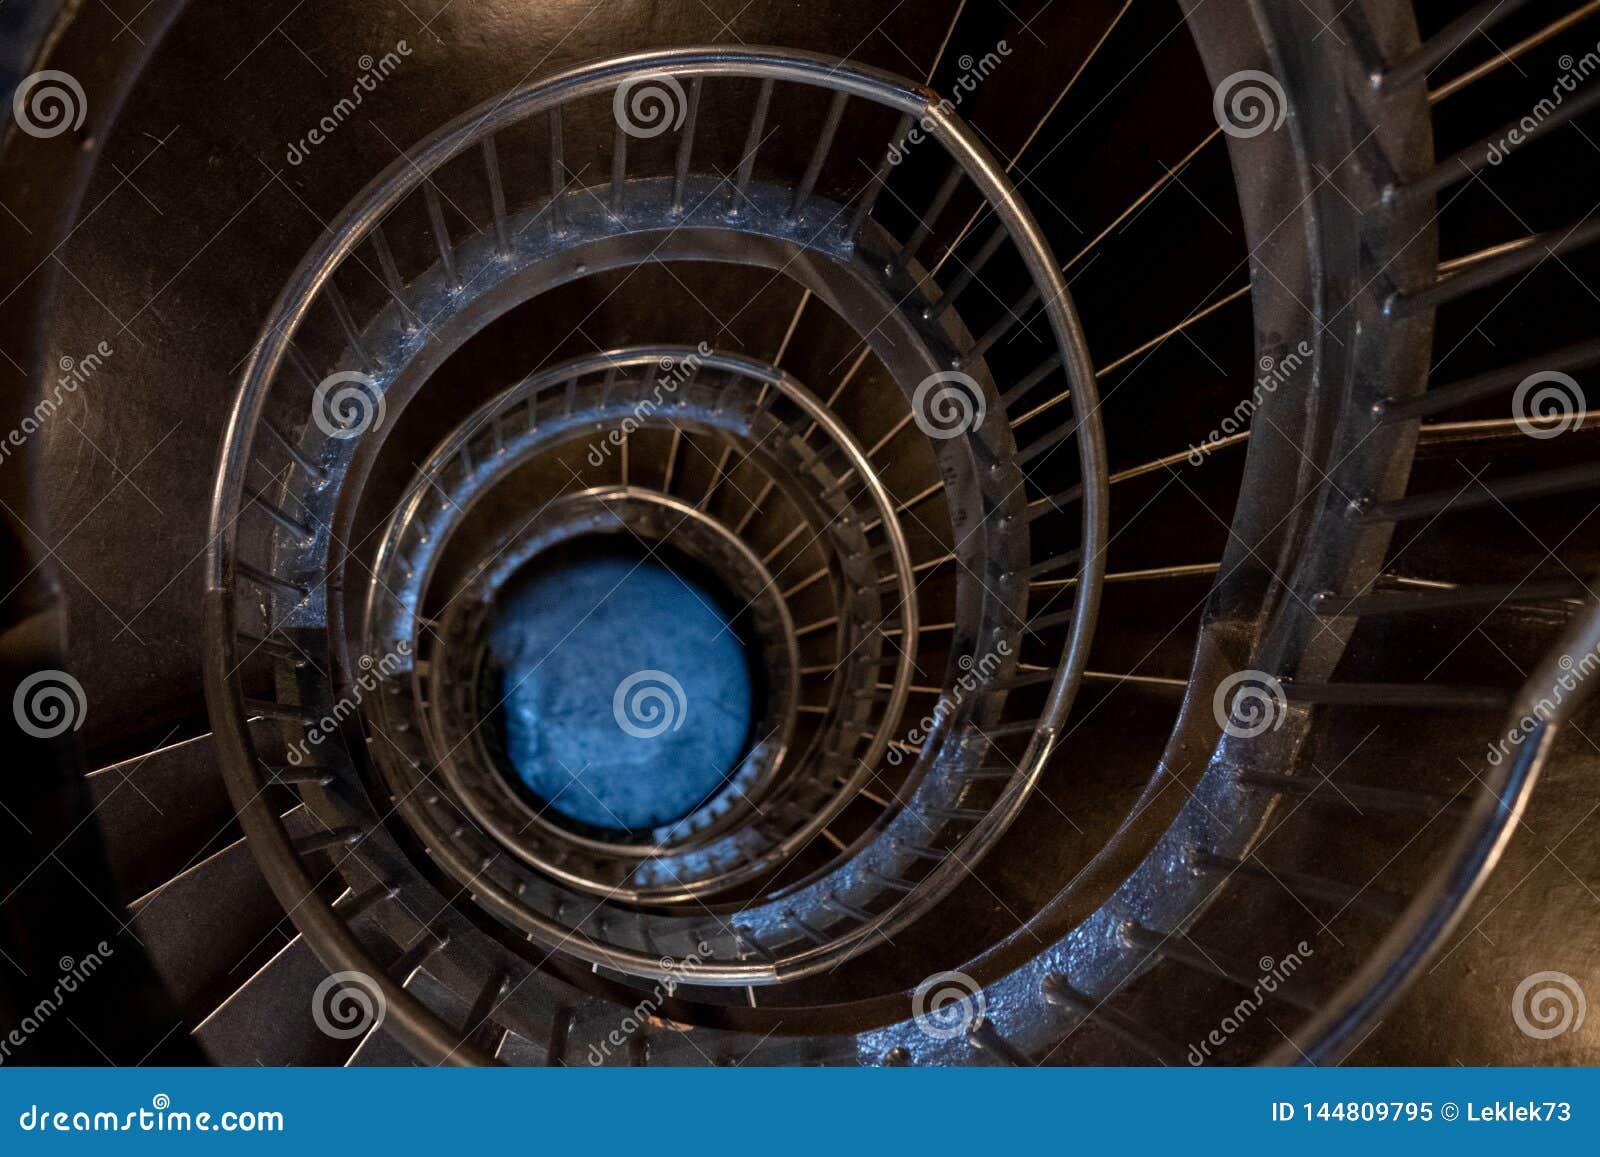 Спиральные лестницы в интерьере музея Zeitz Mocaa современного искусства А